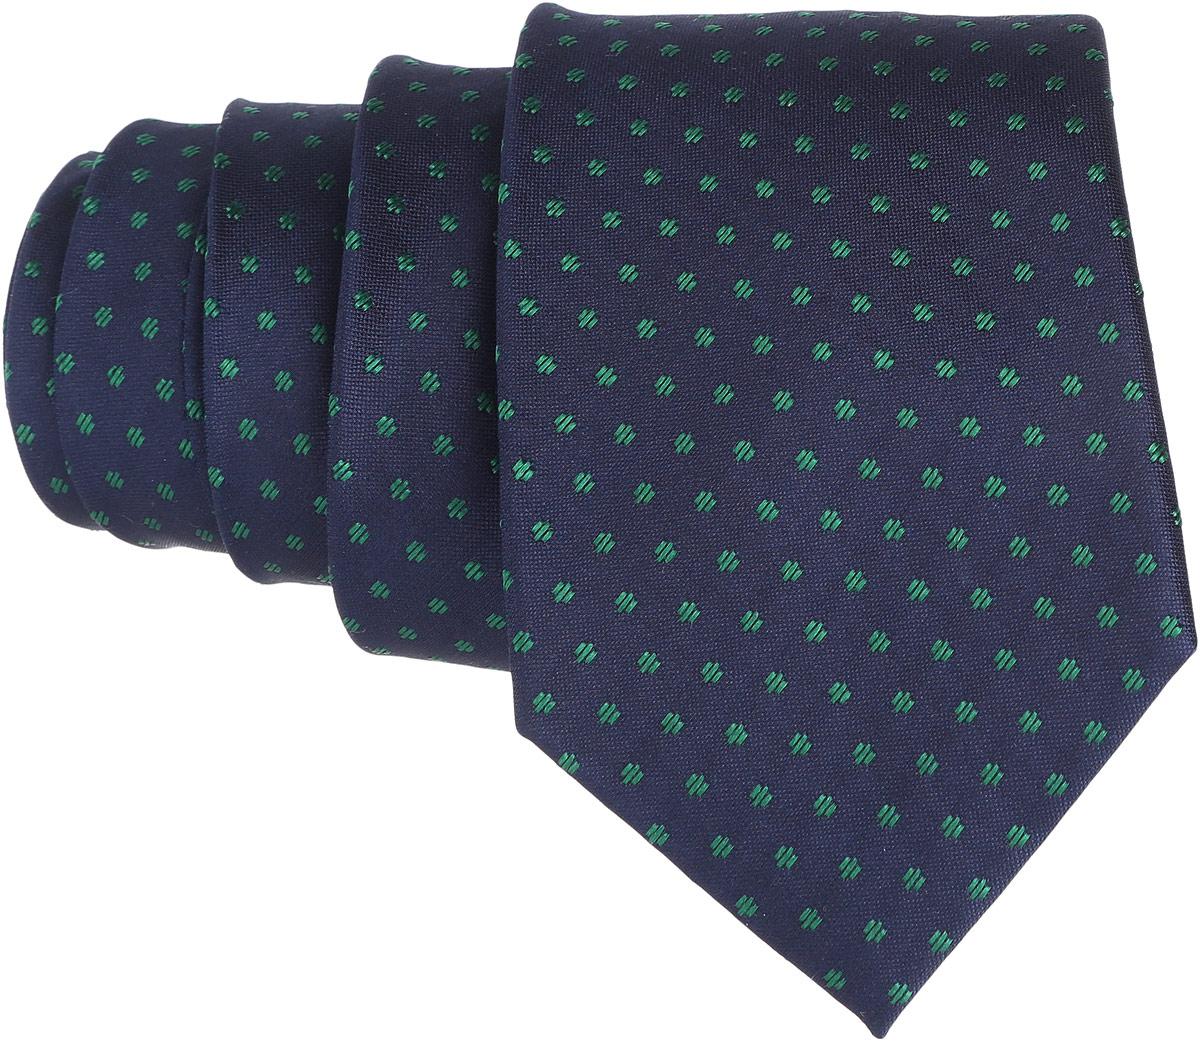 Галстук. 12.01525312.015252Стильный галстук BTC станет отличным завершающим штрихом вашего образа. Этот модный аксессуар порадует вас высоким качеством исполнения и современным дизайном. Изделие полностью выполнено из качественного шелка. Галстук оформлен оригинальным принтом. Такой оригинальный галстук подойдет как к повседневному, так и к официальному наряду, он позволит вам подчеркнуть свою индивидуальность и создать свой неповторимый стиль.